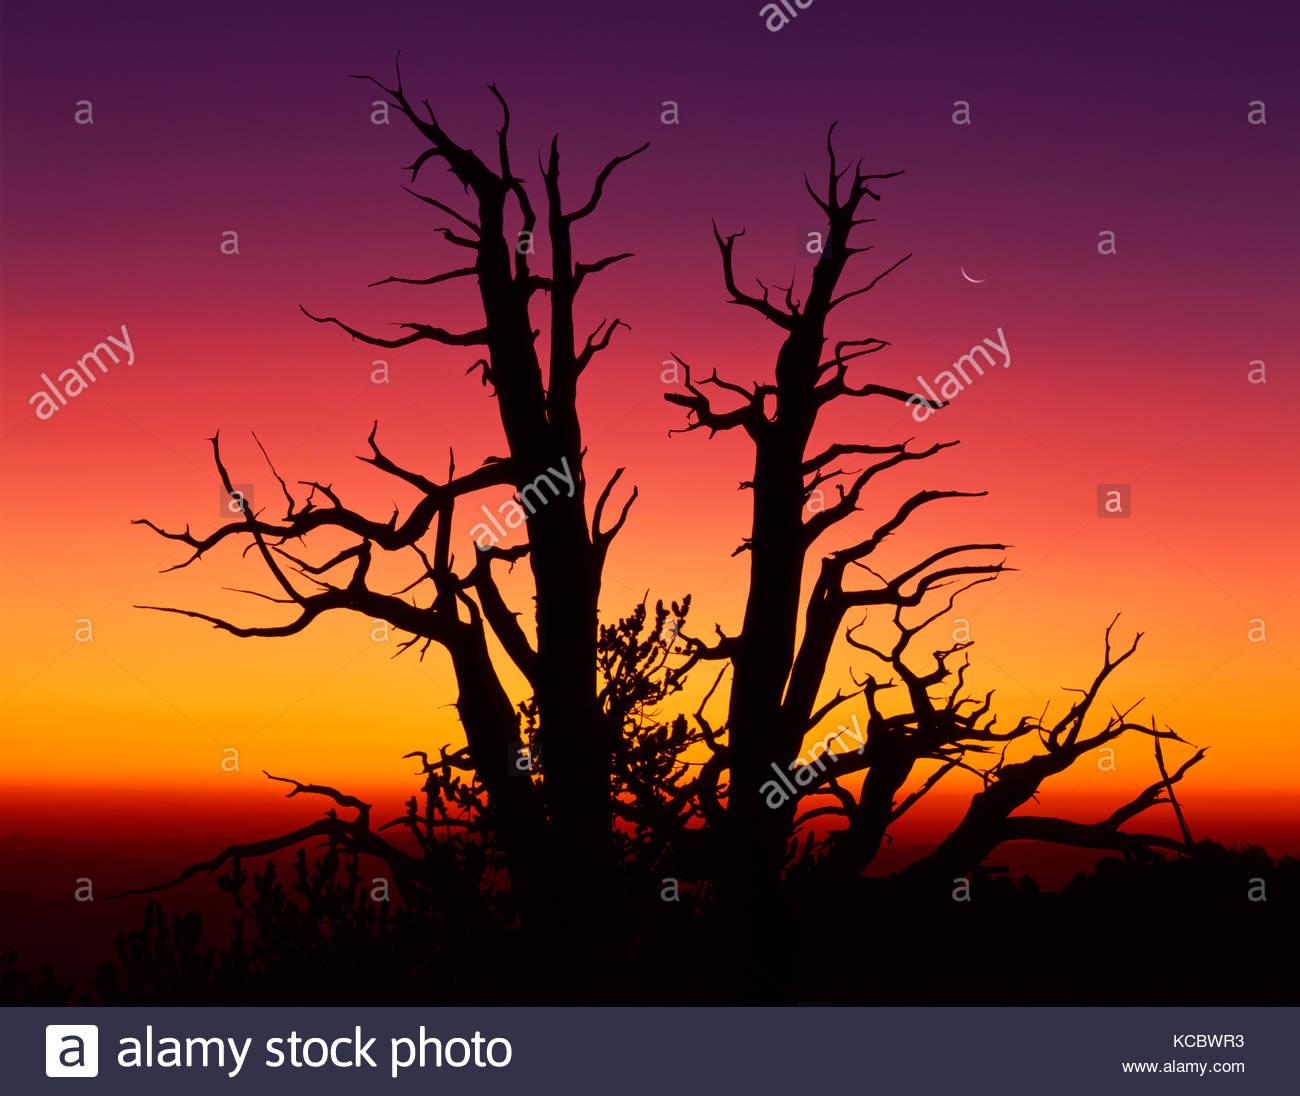 Los antiguos pinos bristlecone con luna creciente al amanecer, las Montañas Blancas, California (color fue Imagen De Stock